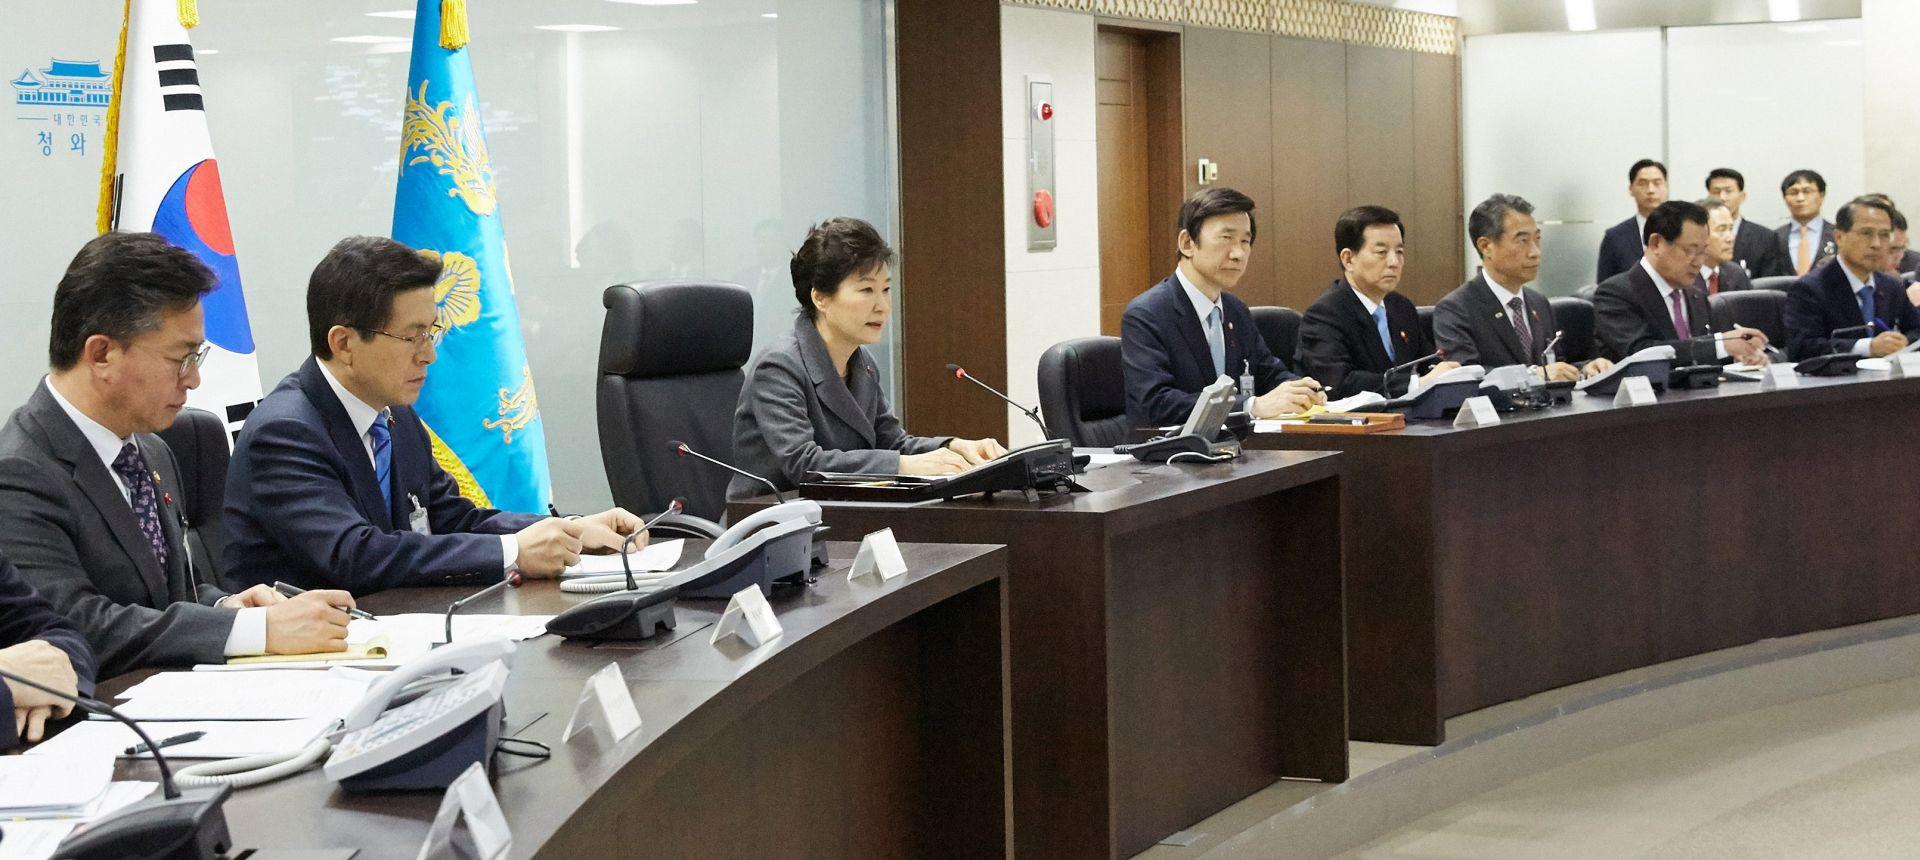 BOMBA JAČA OD NUKLEARNE: Sastanak Vijeća sigurnosti UN-a oko sjevernokorejskog nuklearnog pokusa